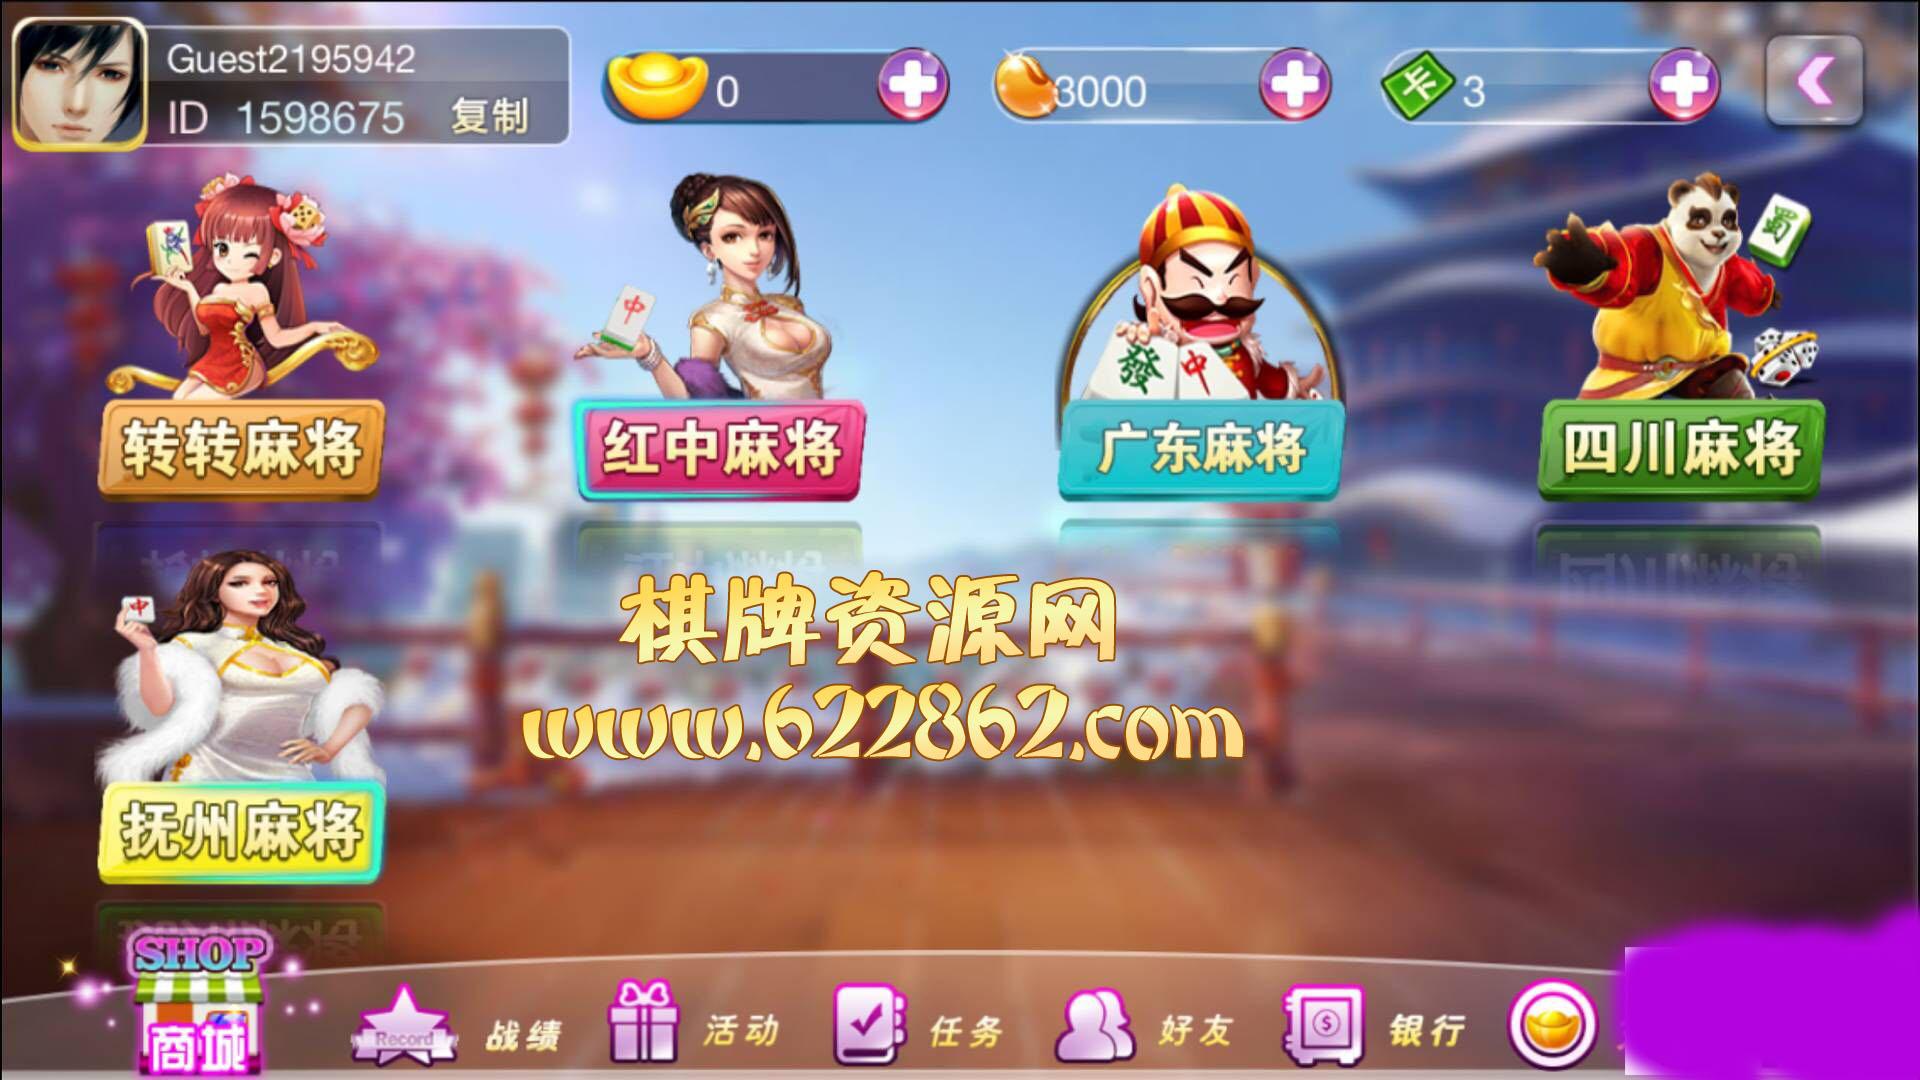 2018第三版上海傲玩棋牌最新漂亮UI界面完整的源码